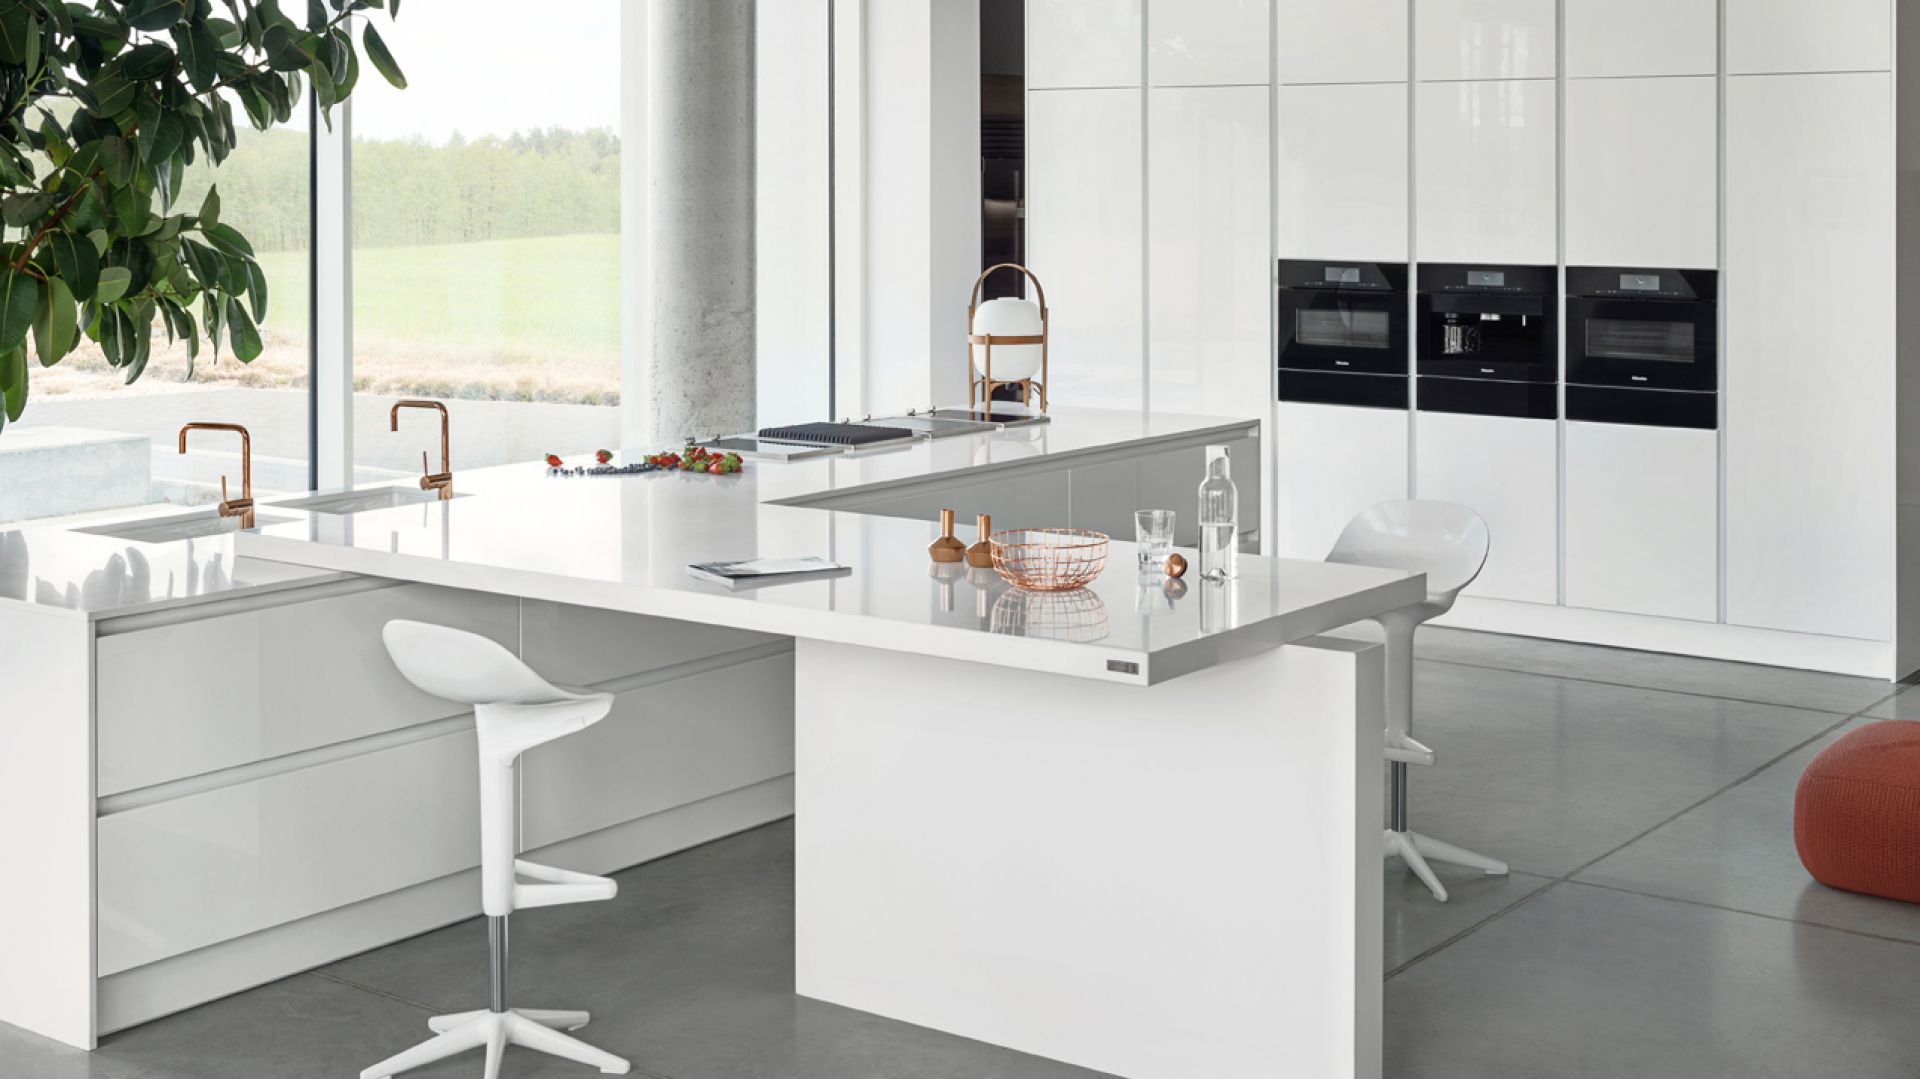 Nowoczesna biała kuchnia - model Z1. Fot. ZAJC Kuchnie